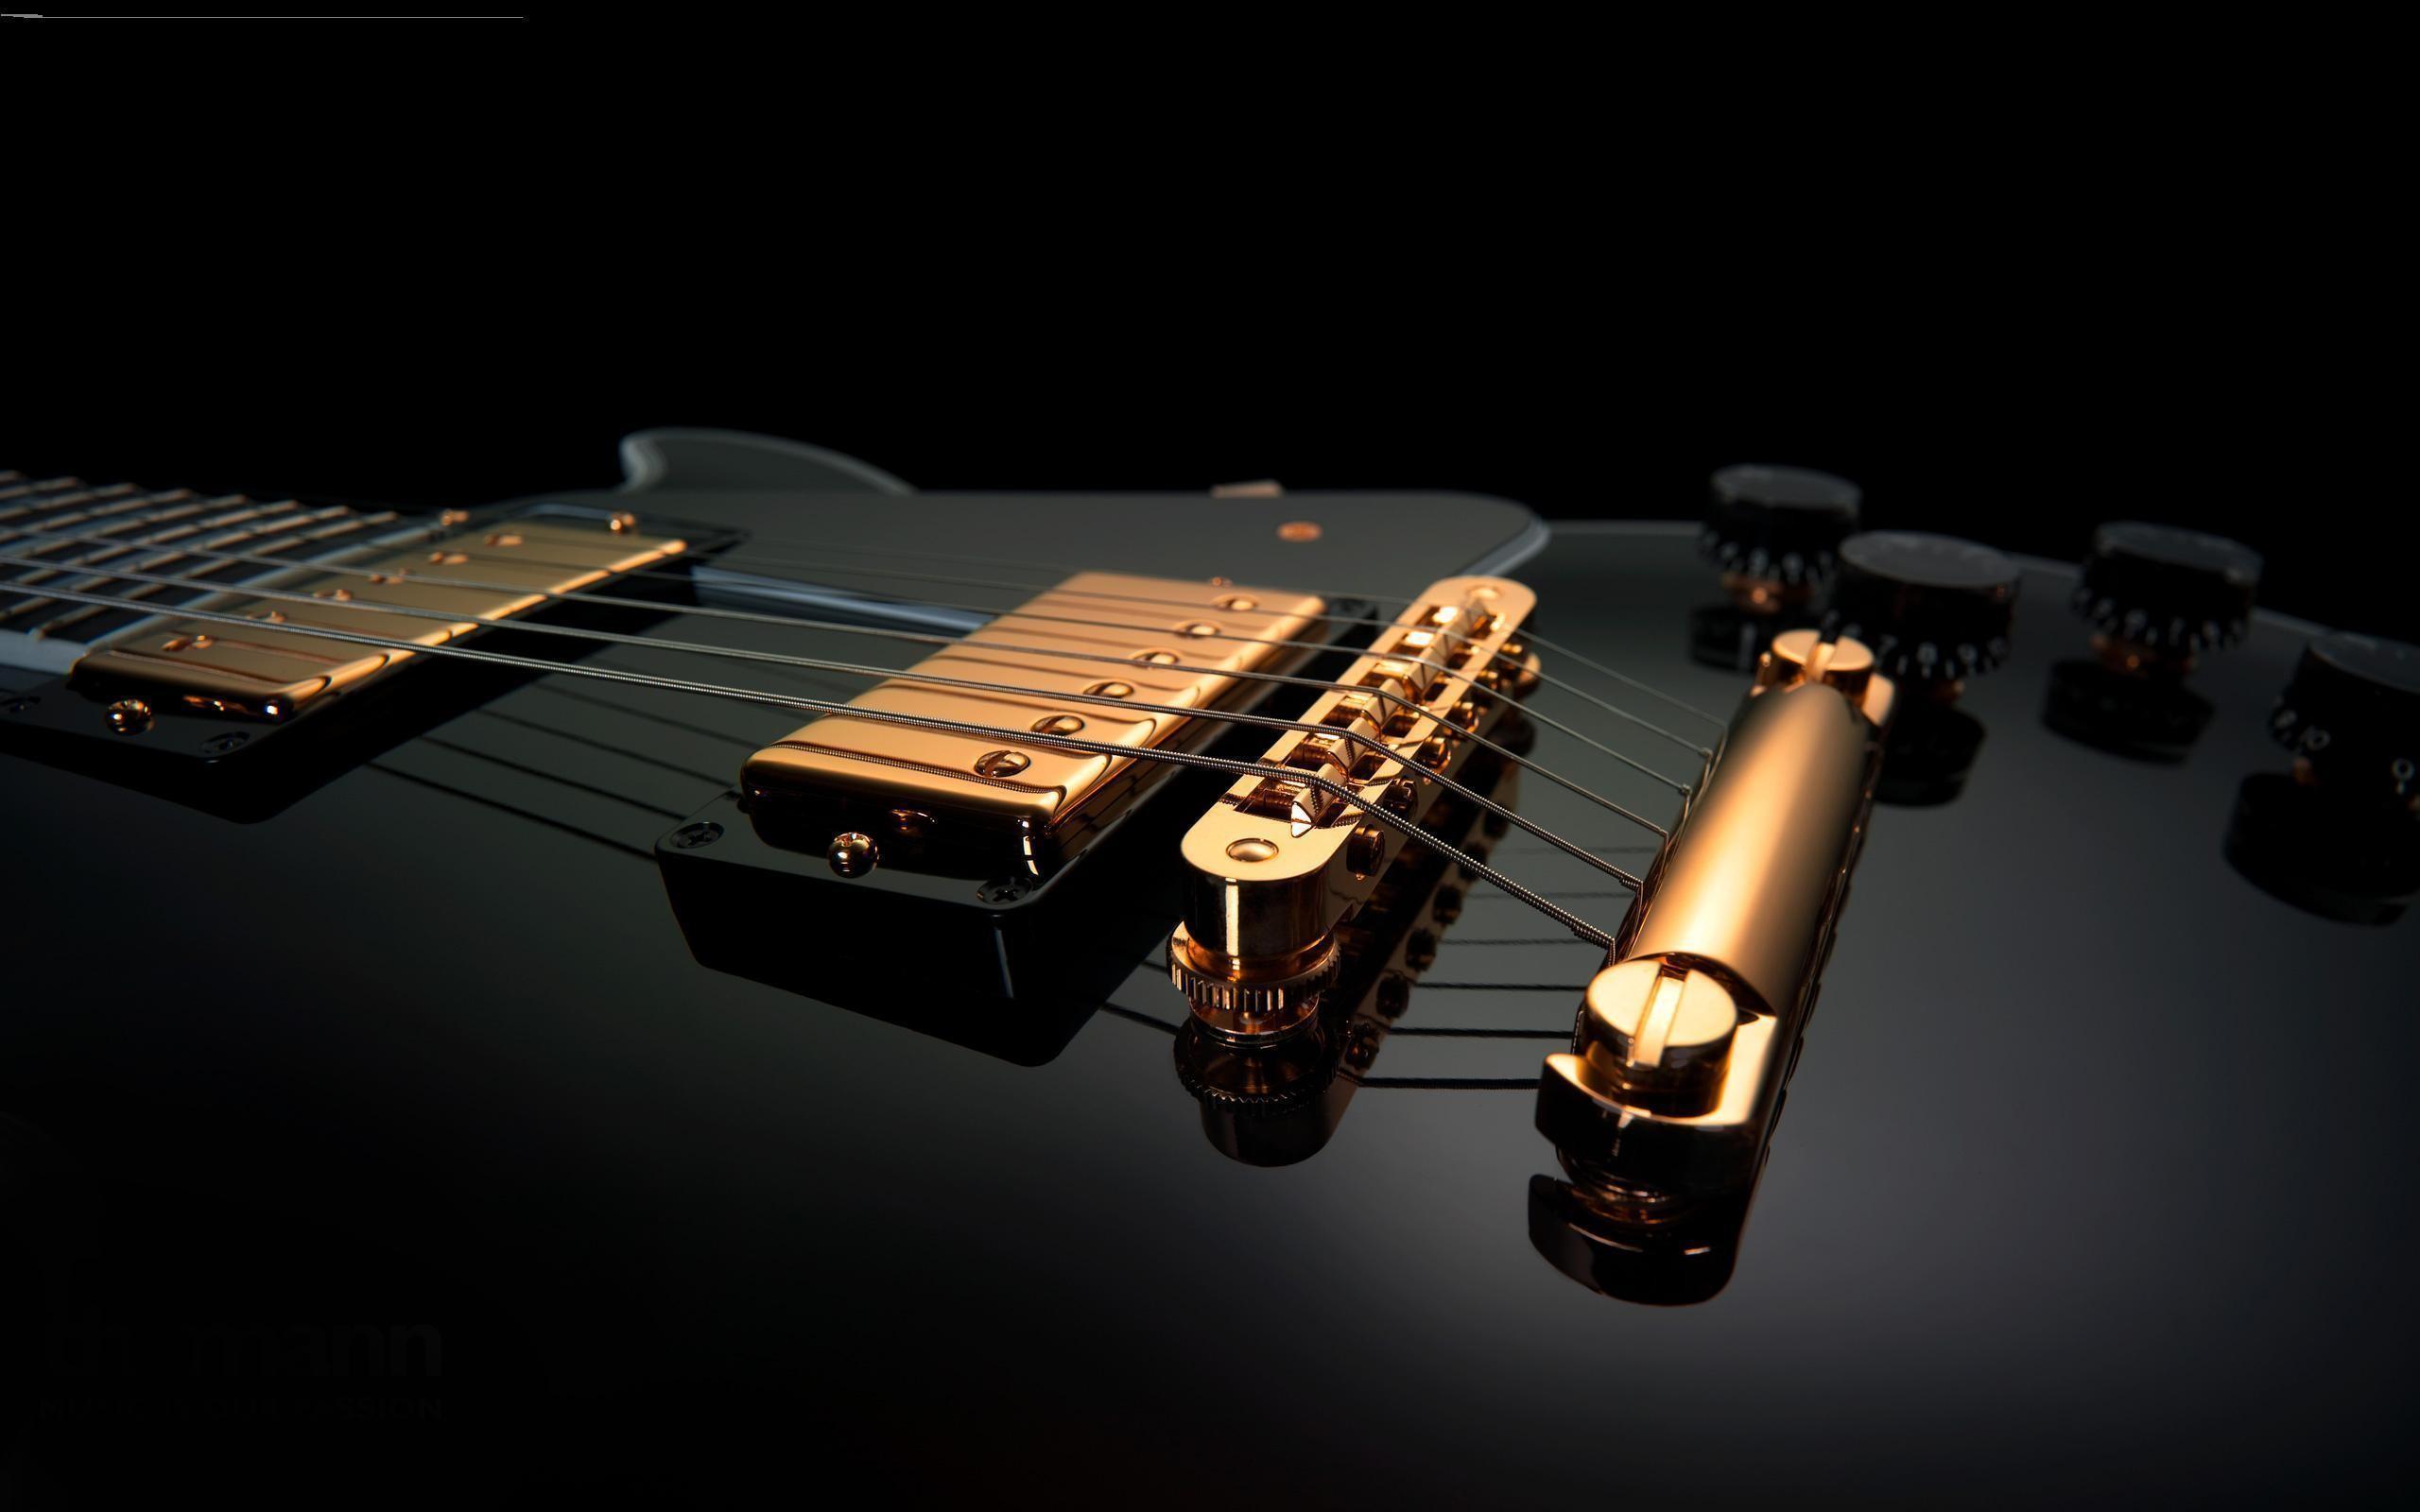 Guitar desktop wallpaper wallpapertag - Free guitar wallpapers for pc ...